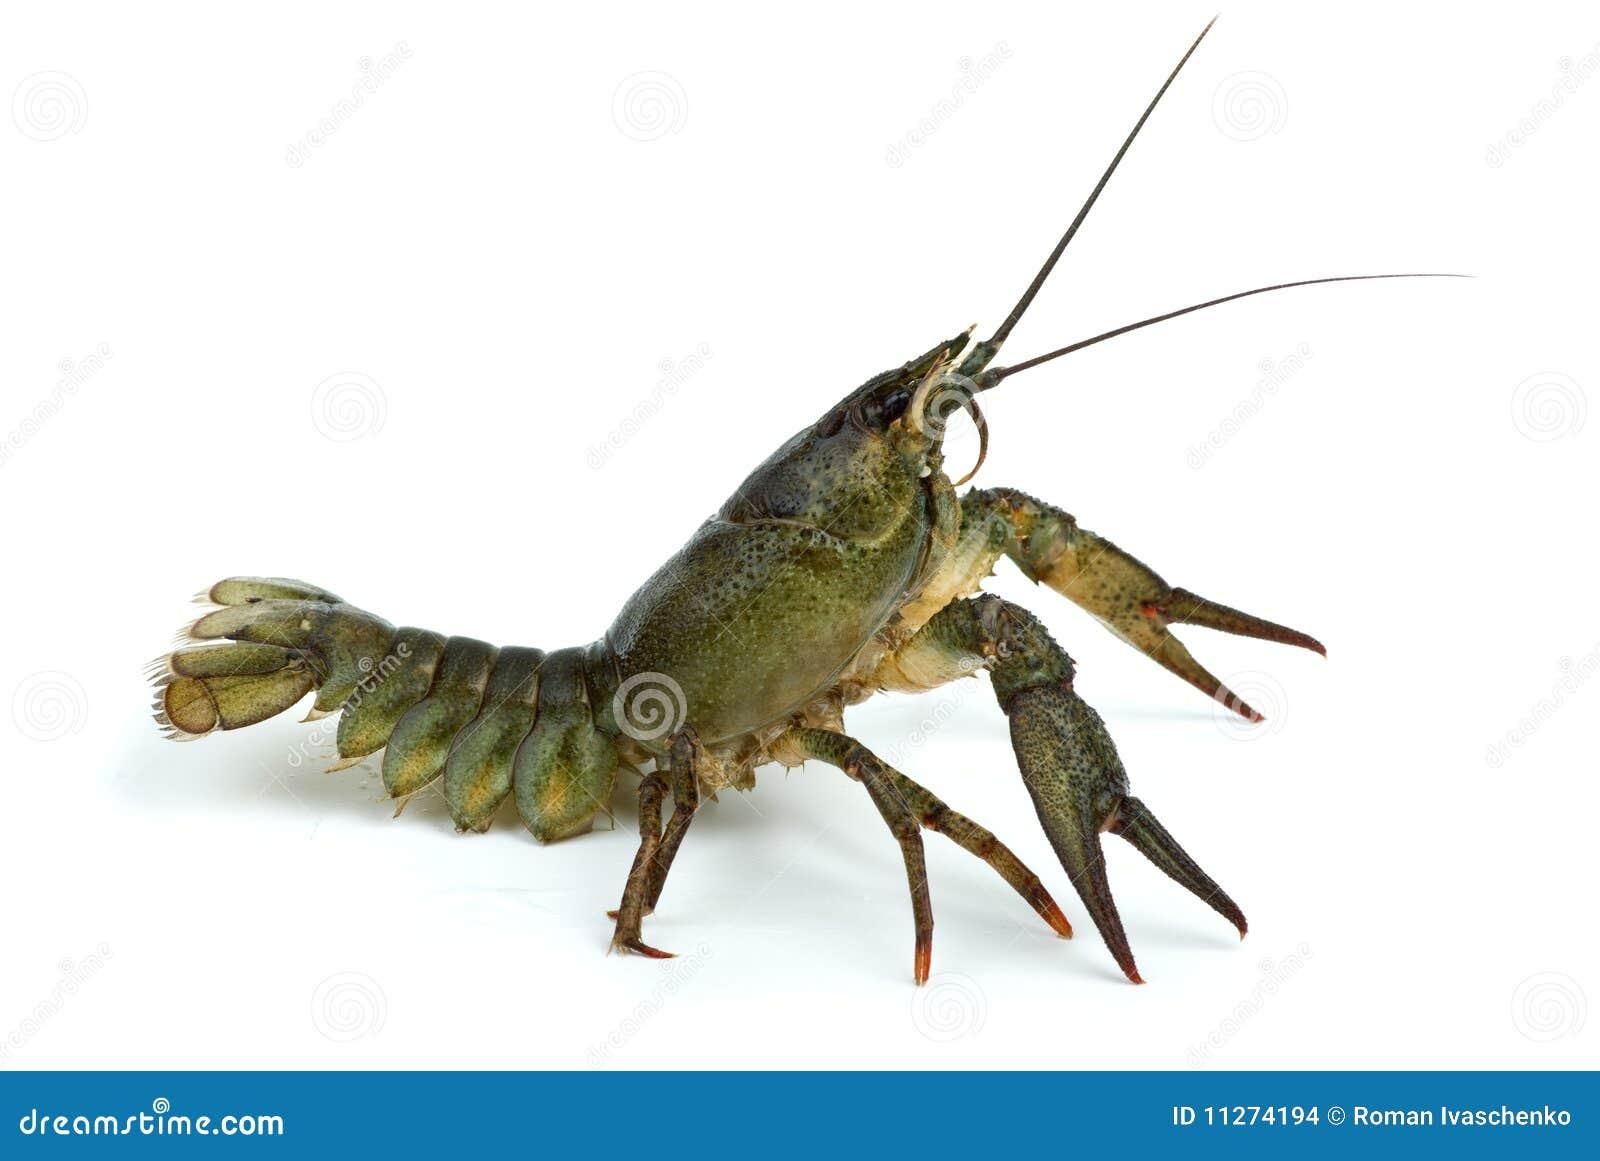 оборонительная позиция crawfish